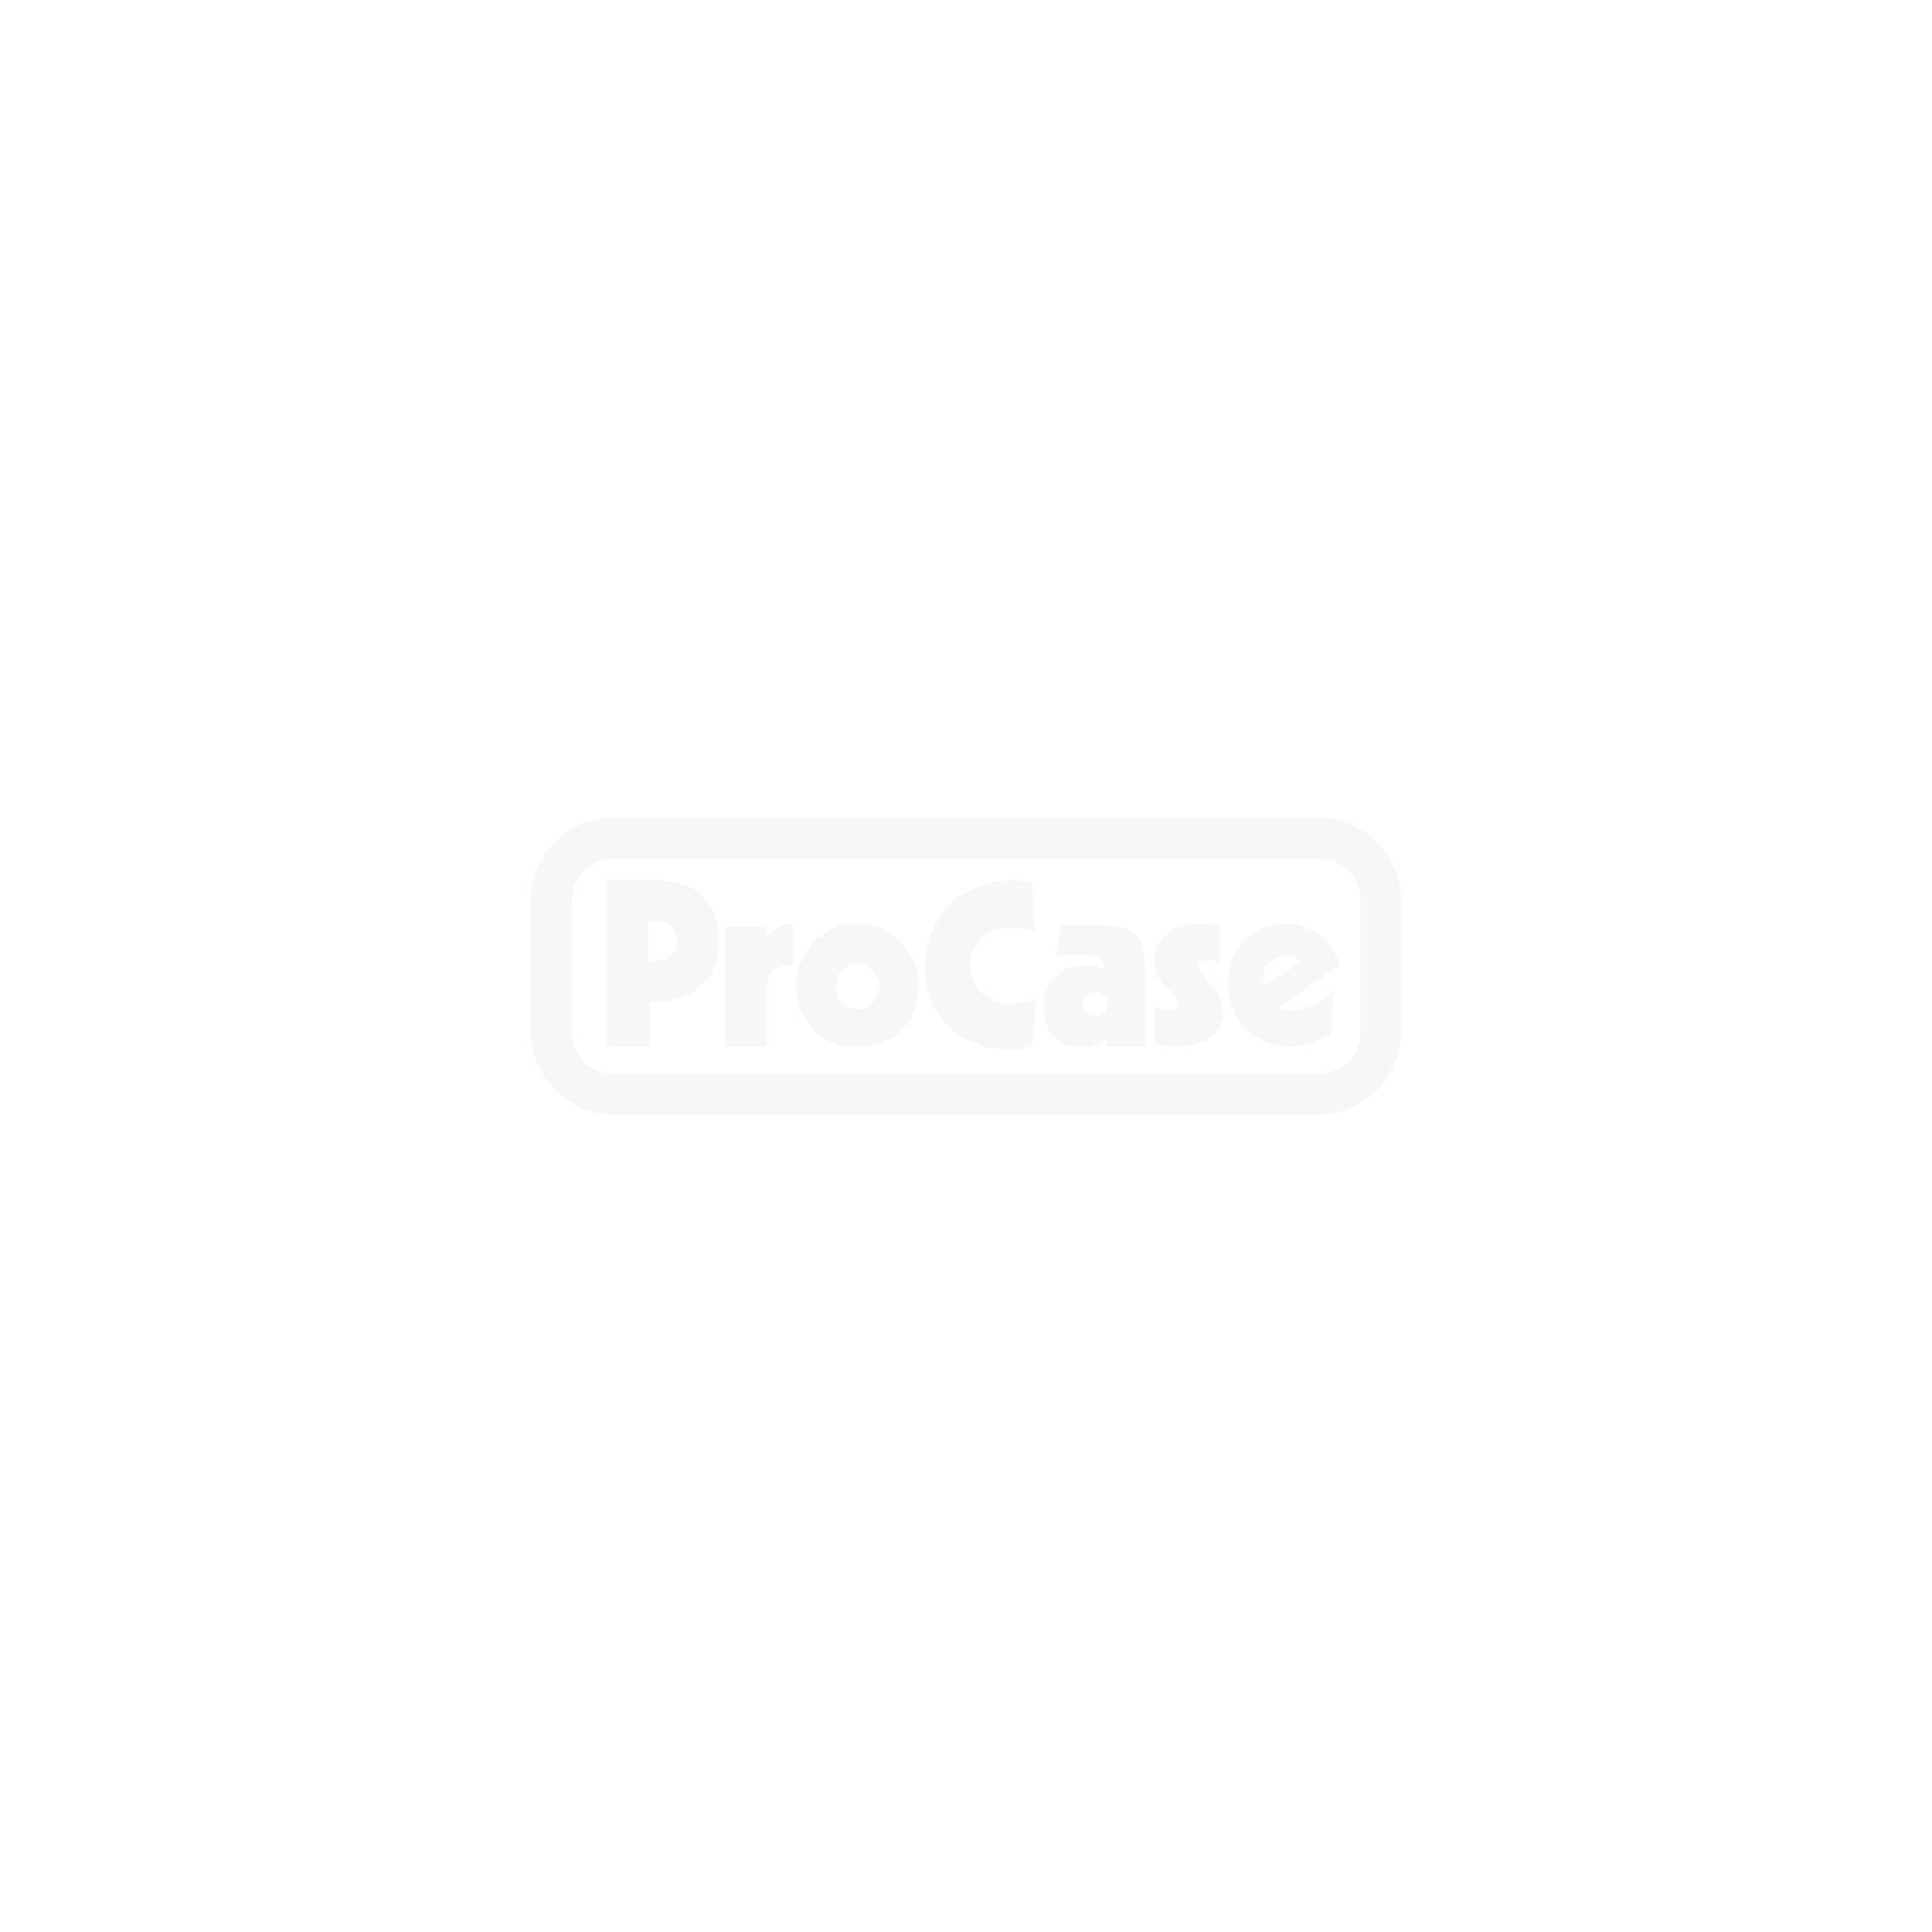 Flightcase für 3 Schill HT 380 Kabeltrommeln 2